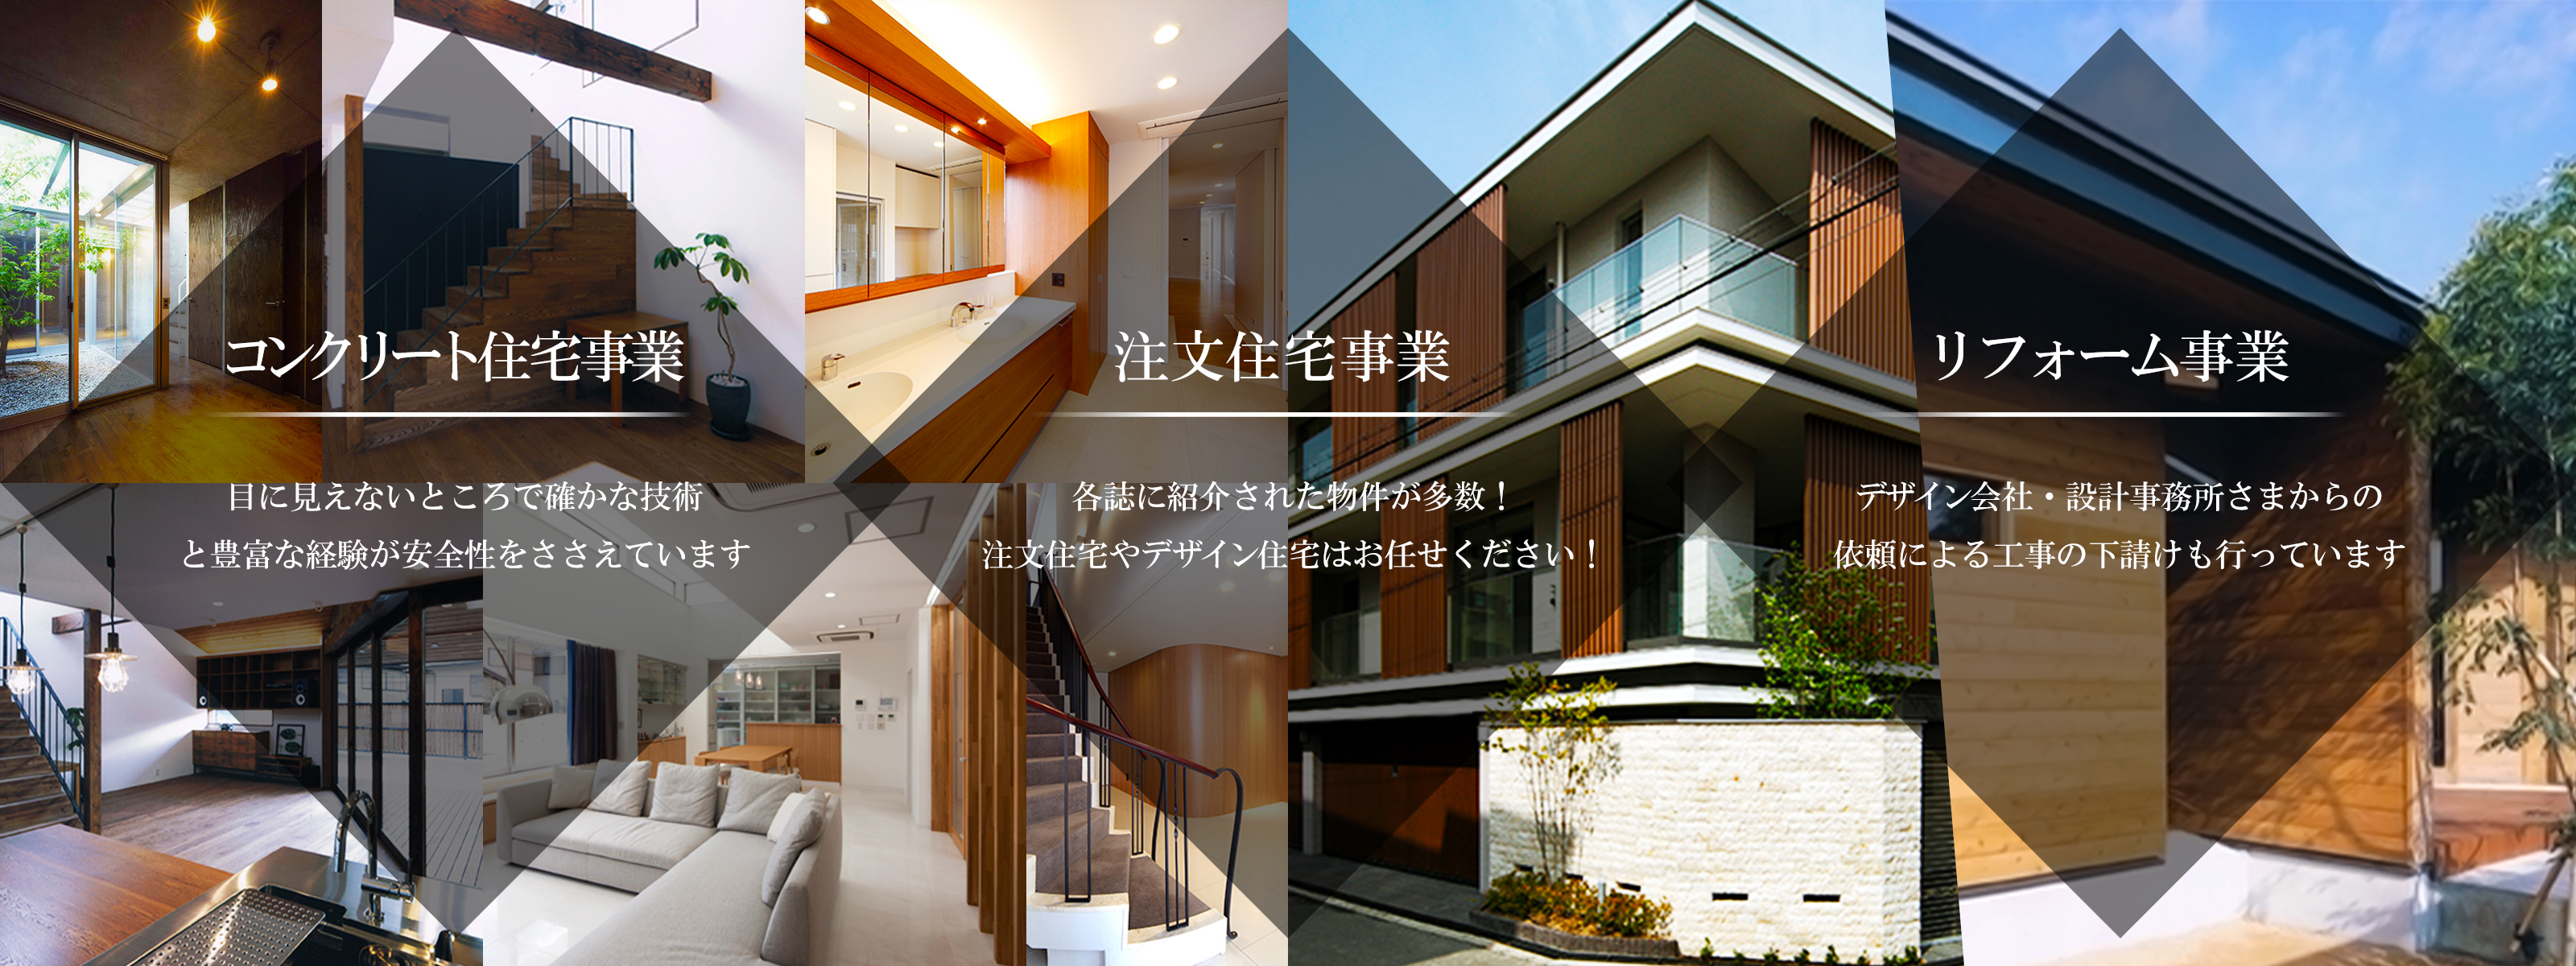 コンクリート住宅事業